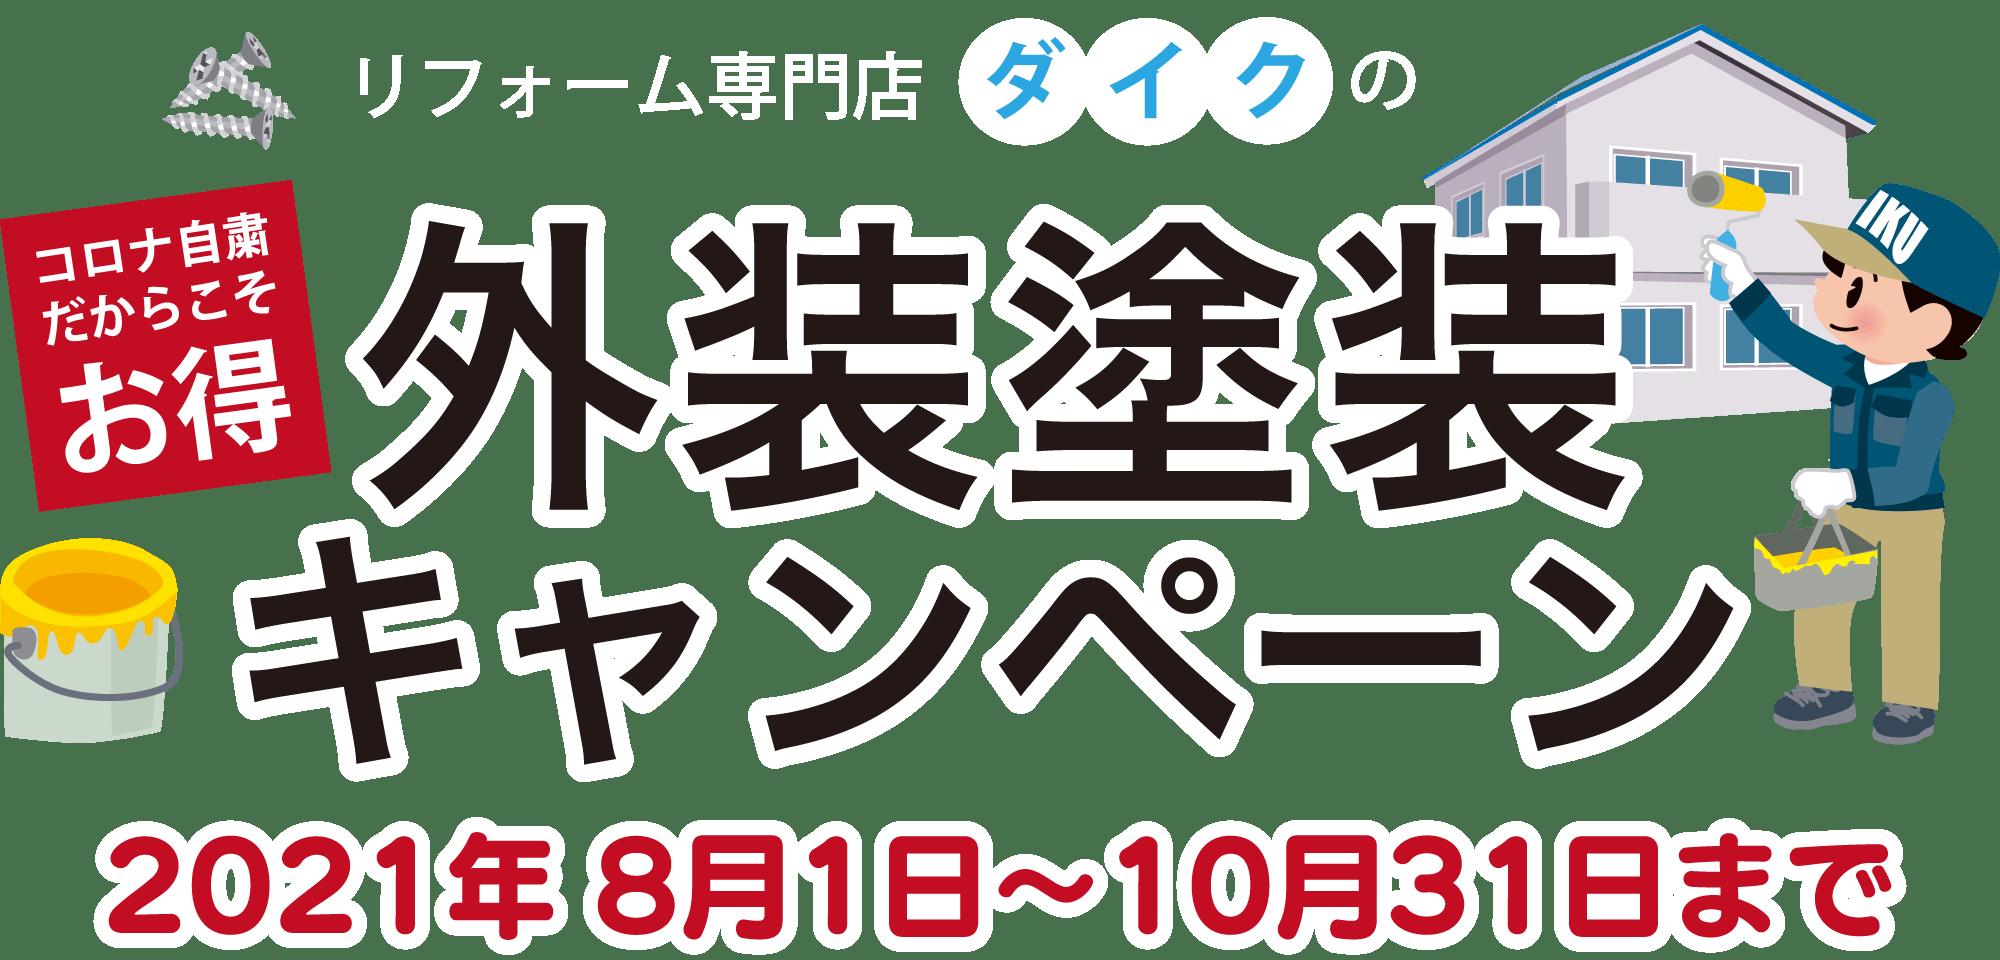 仙台のリフォーム専門店ダイク 外壁塗装キャンペーン